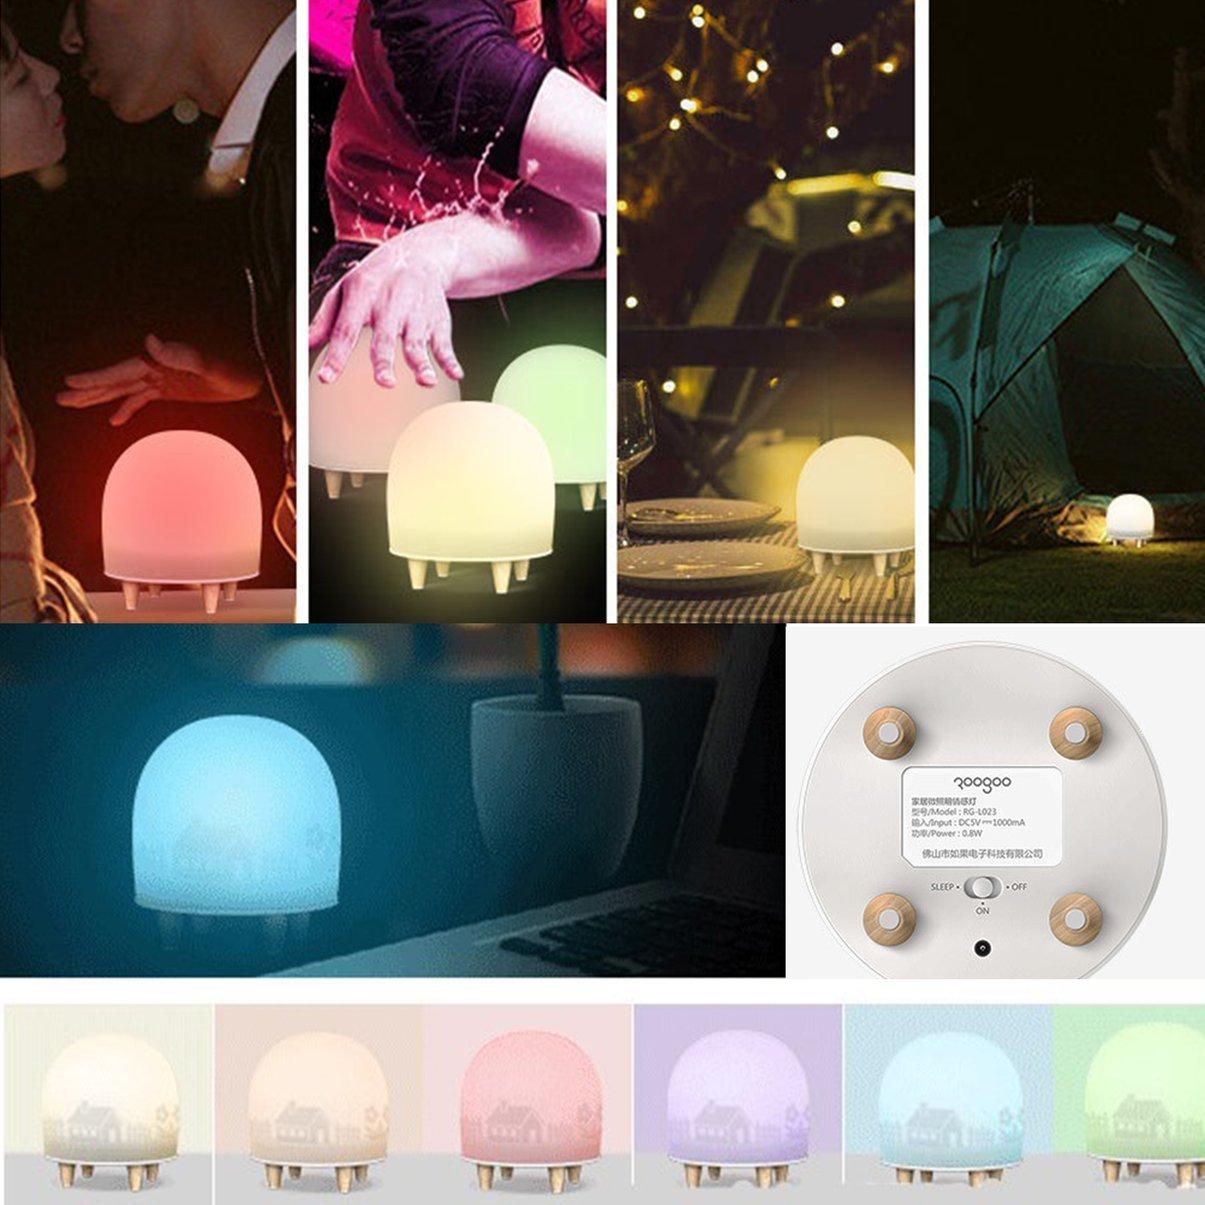 USB que carga la lámpara de emergencia casera Sensor de movimiento LED luz de la noche para los niños Cuarto de la guardería con tres modos y pies ...